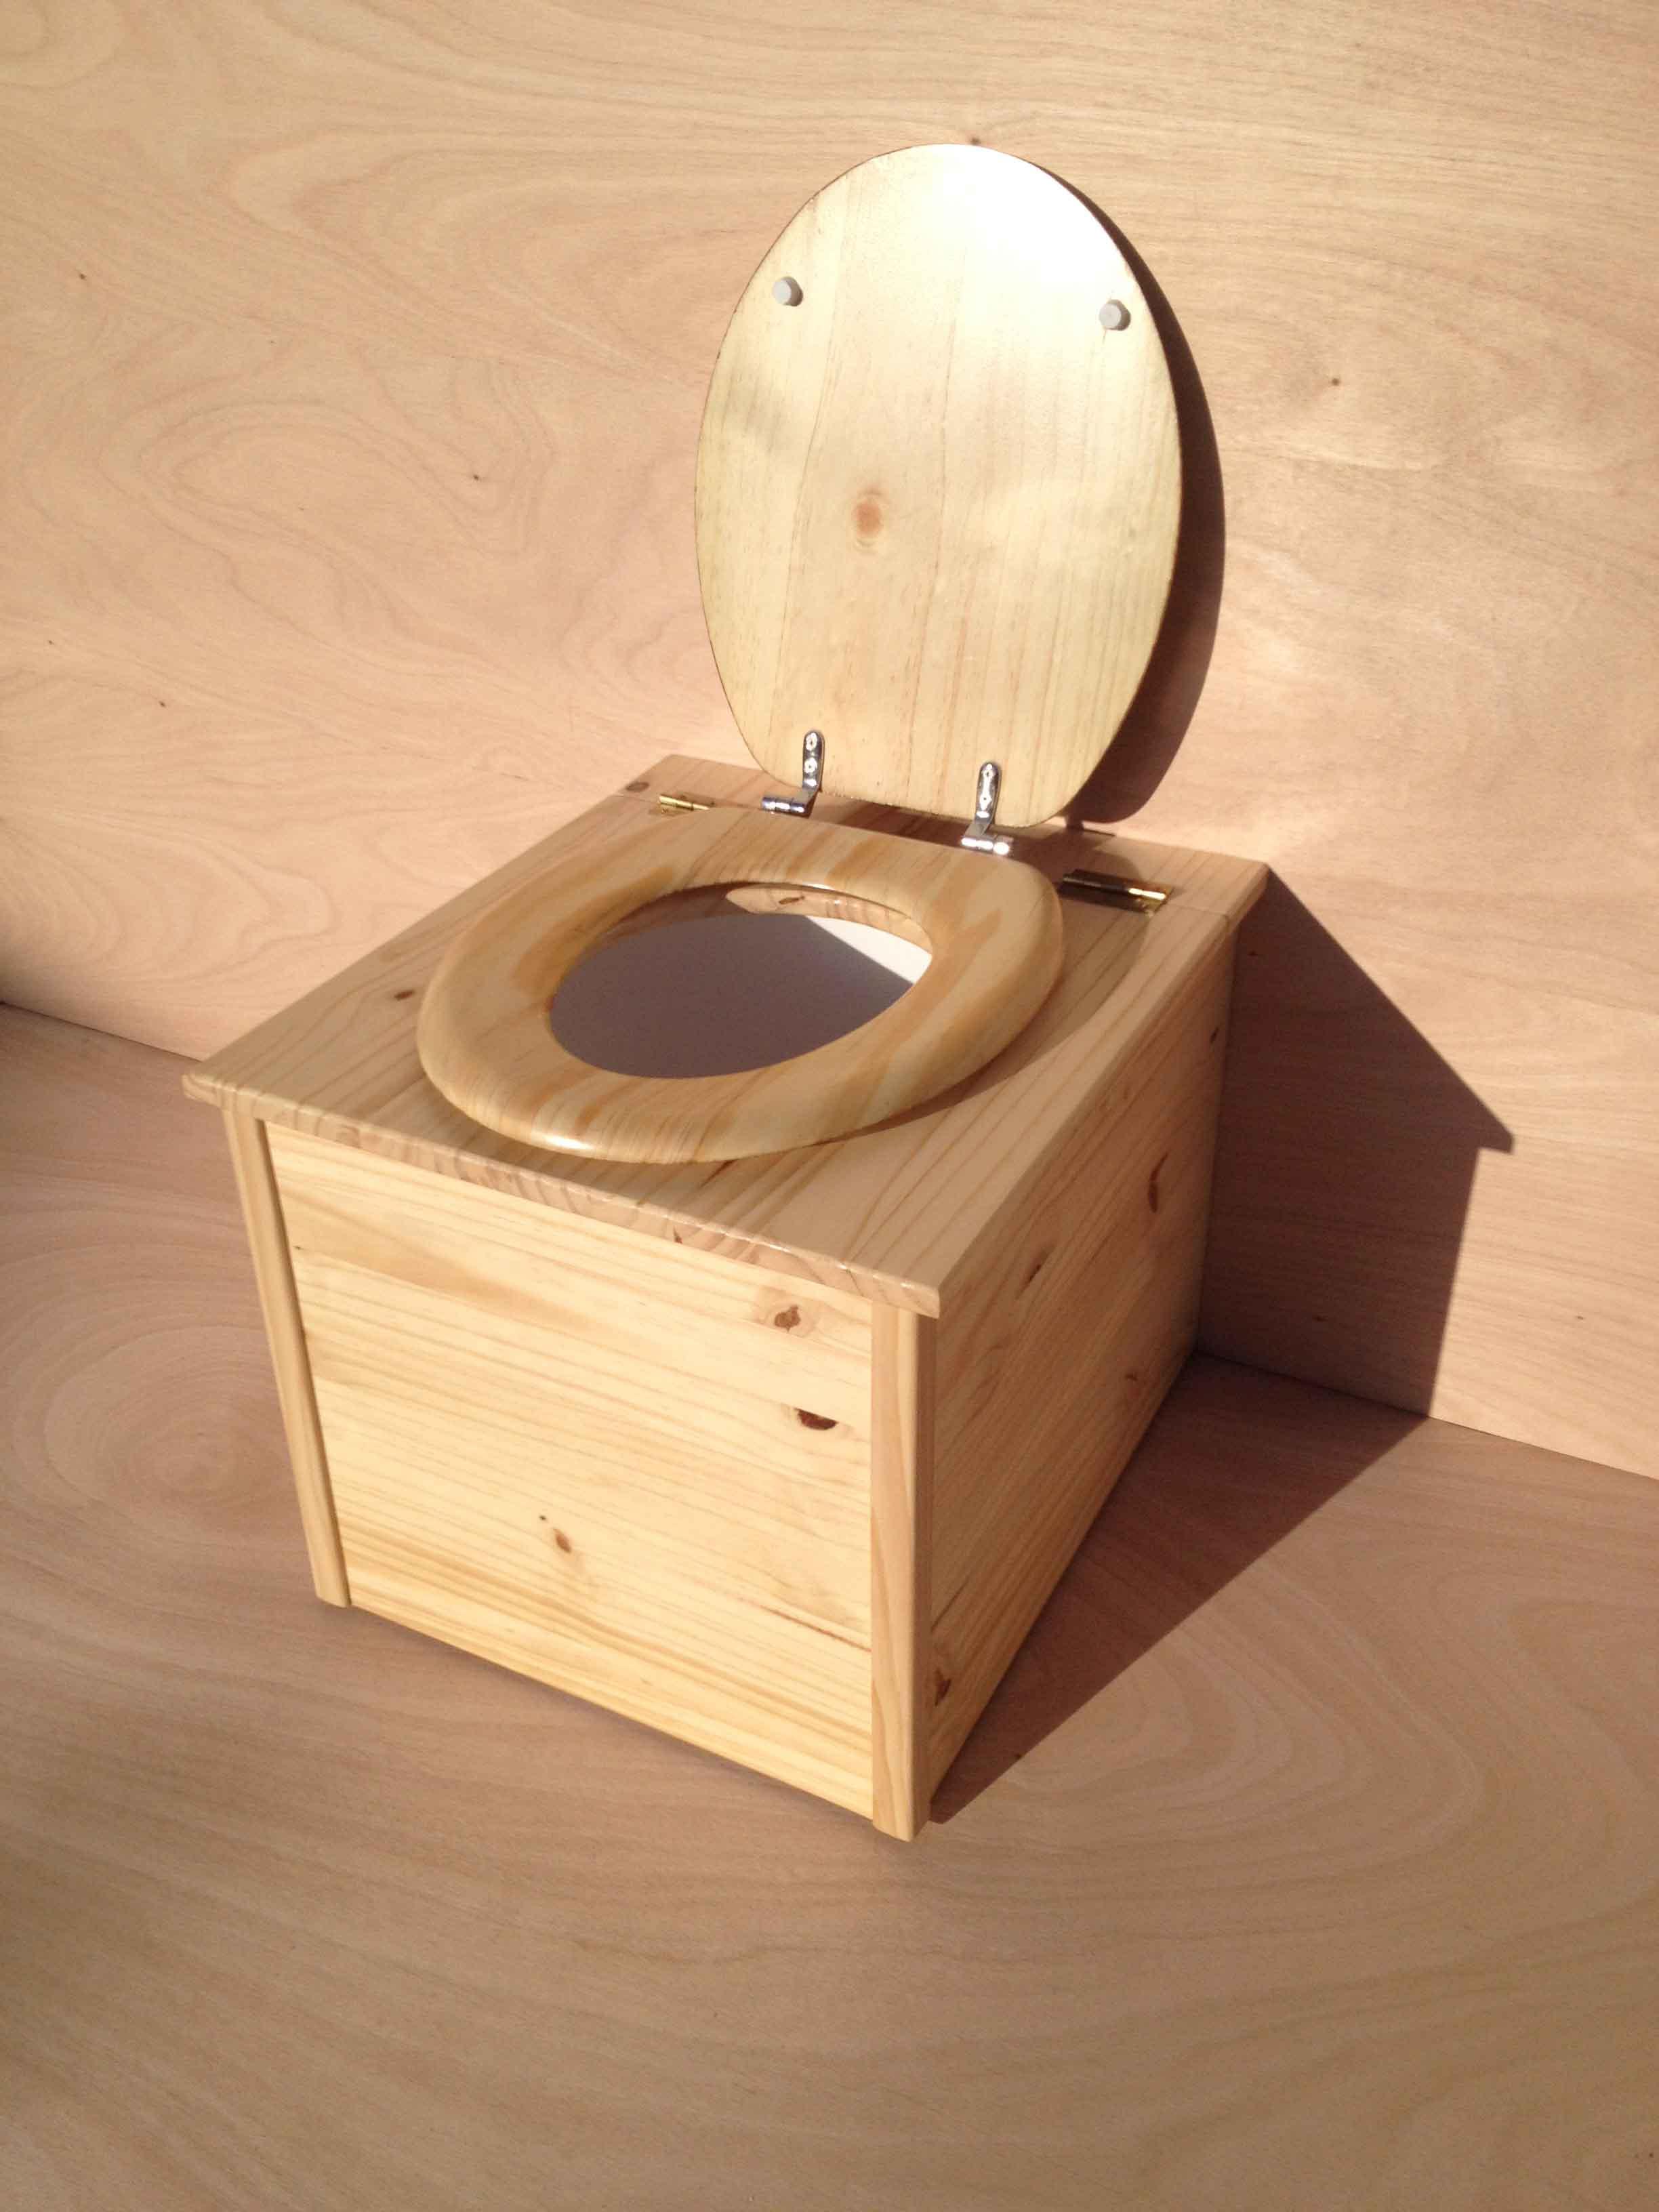 Acheter Votre Toilette Sèche Éco 3 | Fabulous Toilettes intérieur Toilettes Seche